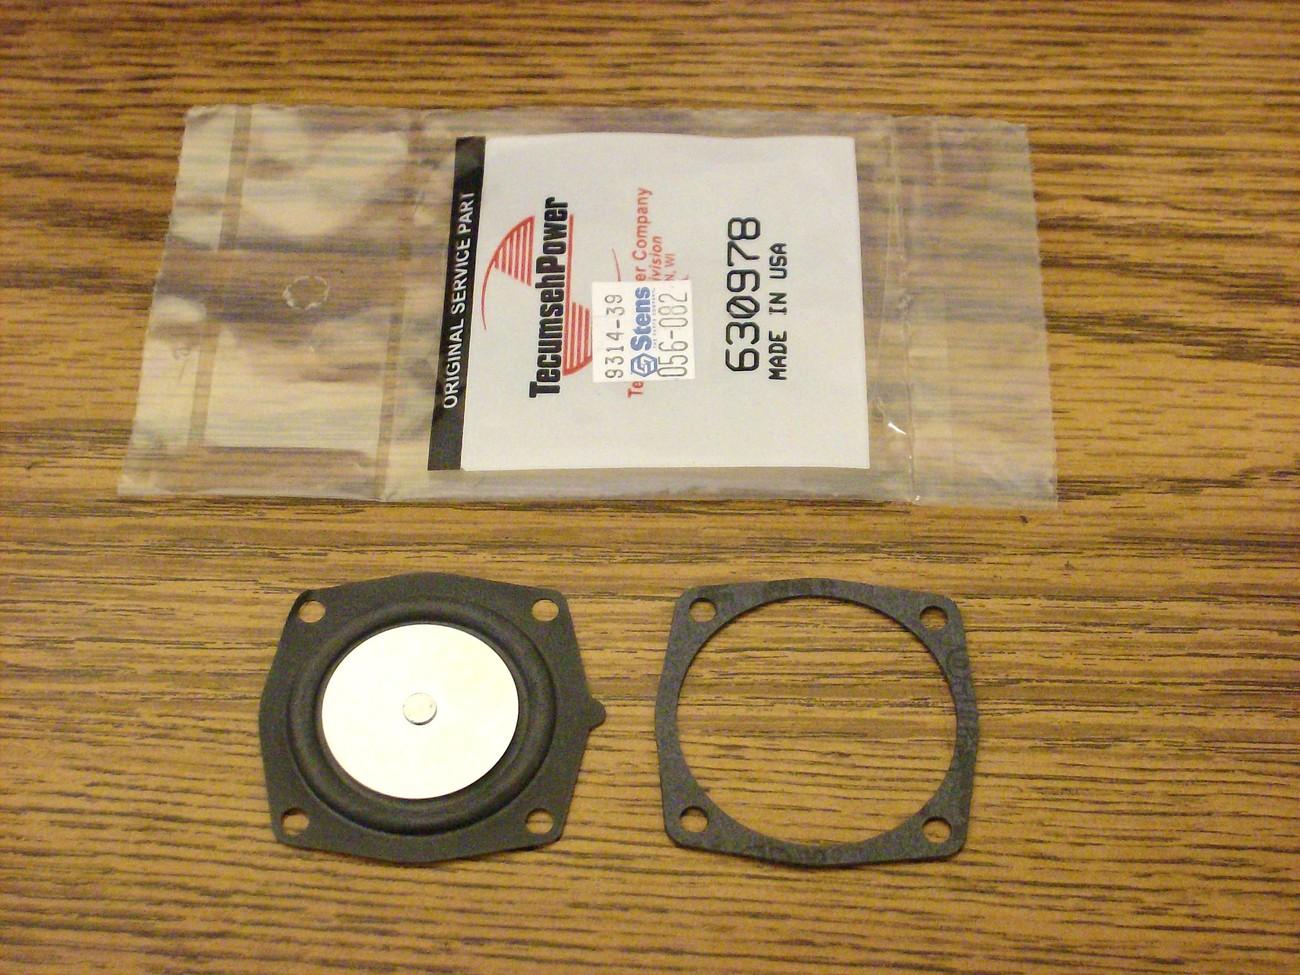 Tecumseh carburetor diaphragm rebuild kit for ice auger edger 630978, 631069